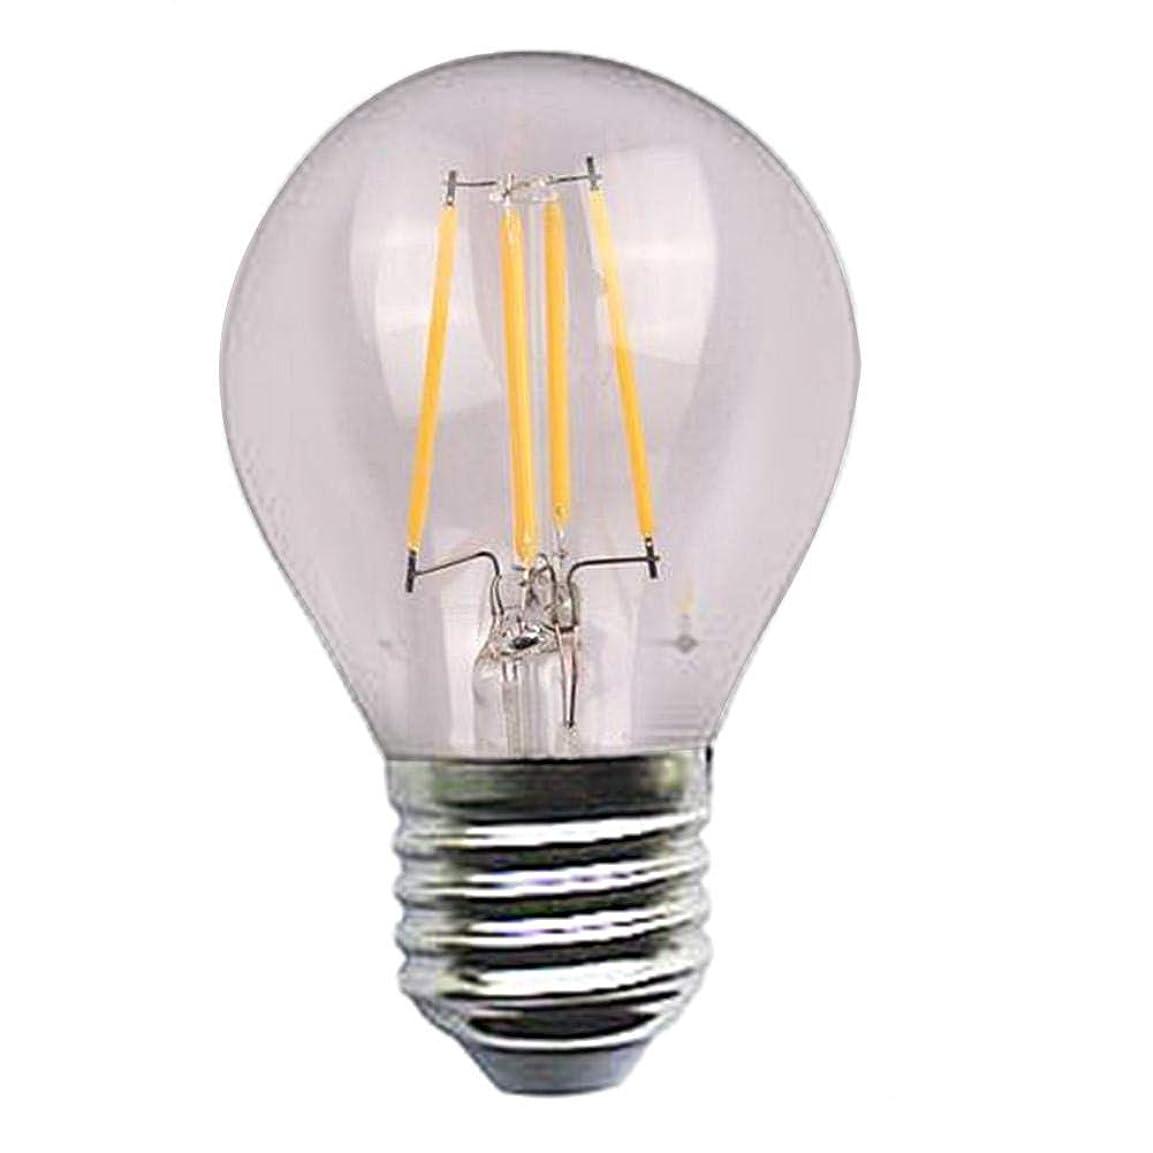 暖かさ唯一子音エジソンはフィラメントシリーズ球根4w 110-220vの銀ランプの頭部を導きました